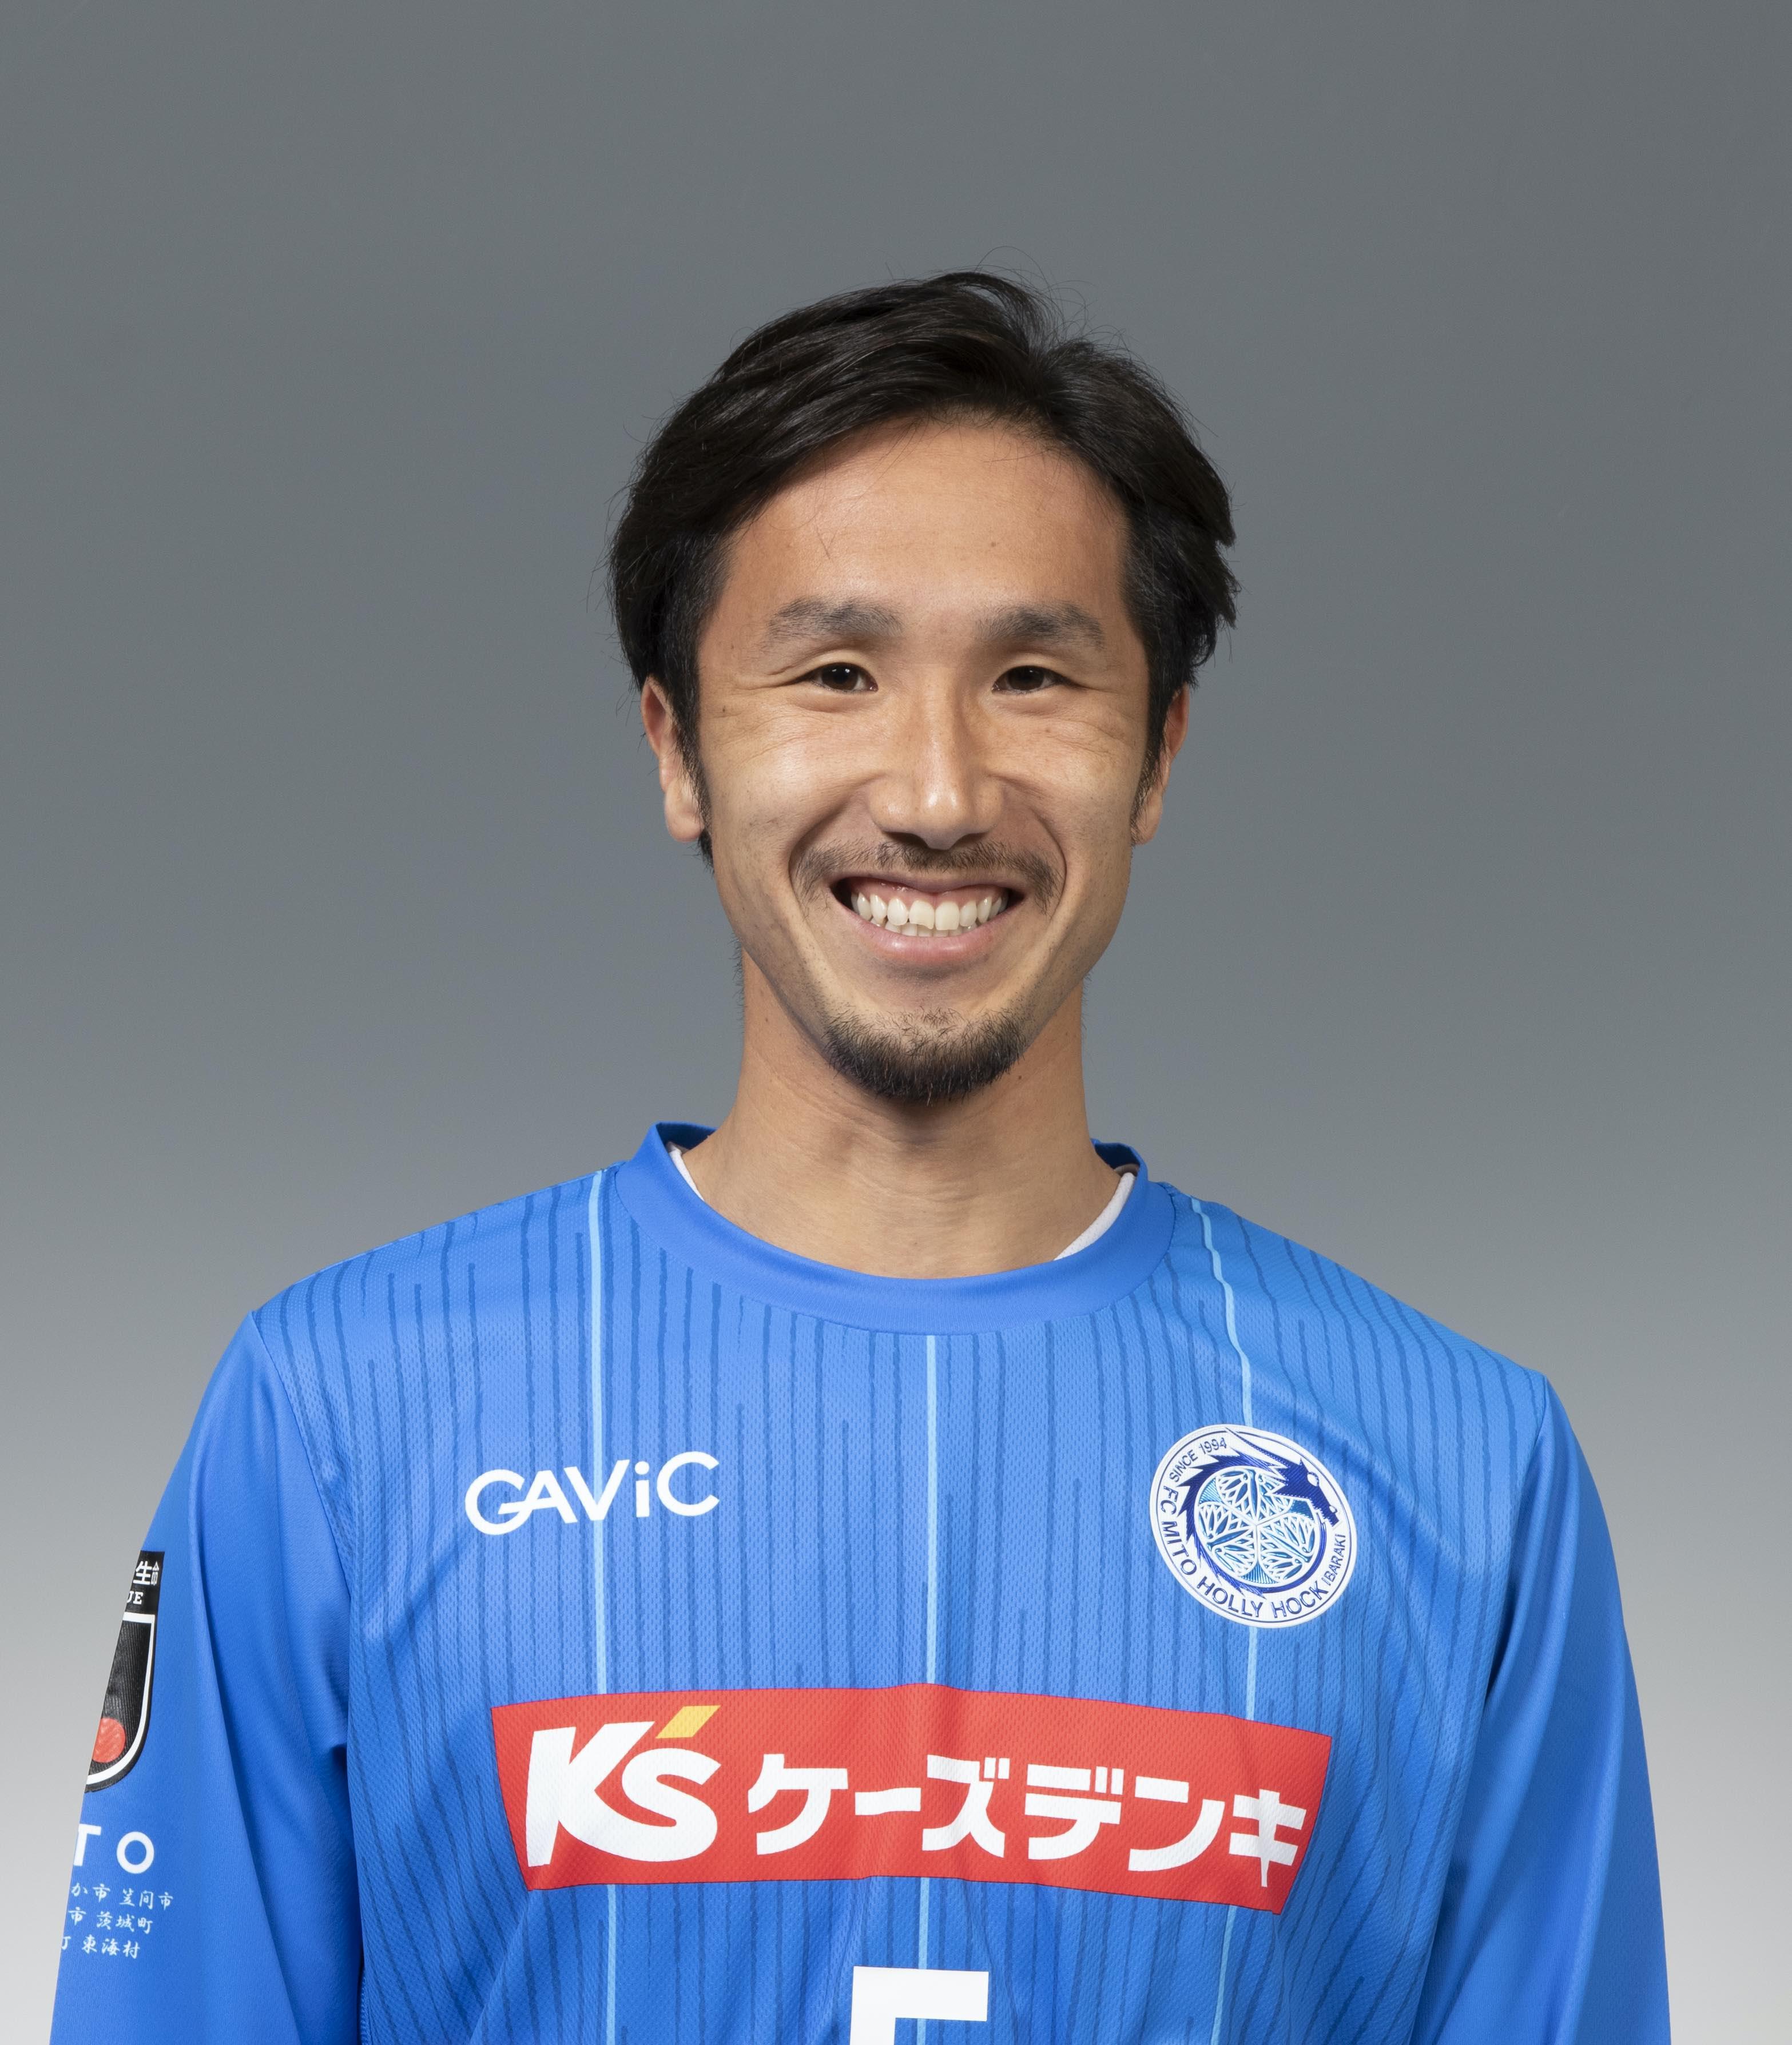 【本人直筆サイン入り公式】2019シーズンユニフォーム2nd  10木村祐志 選手